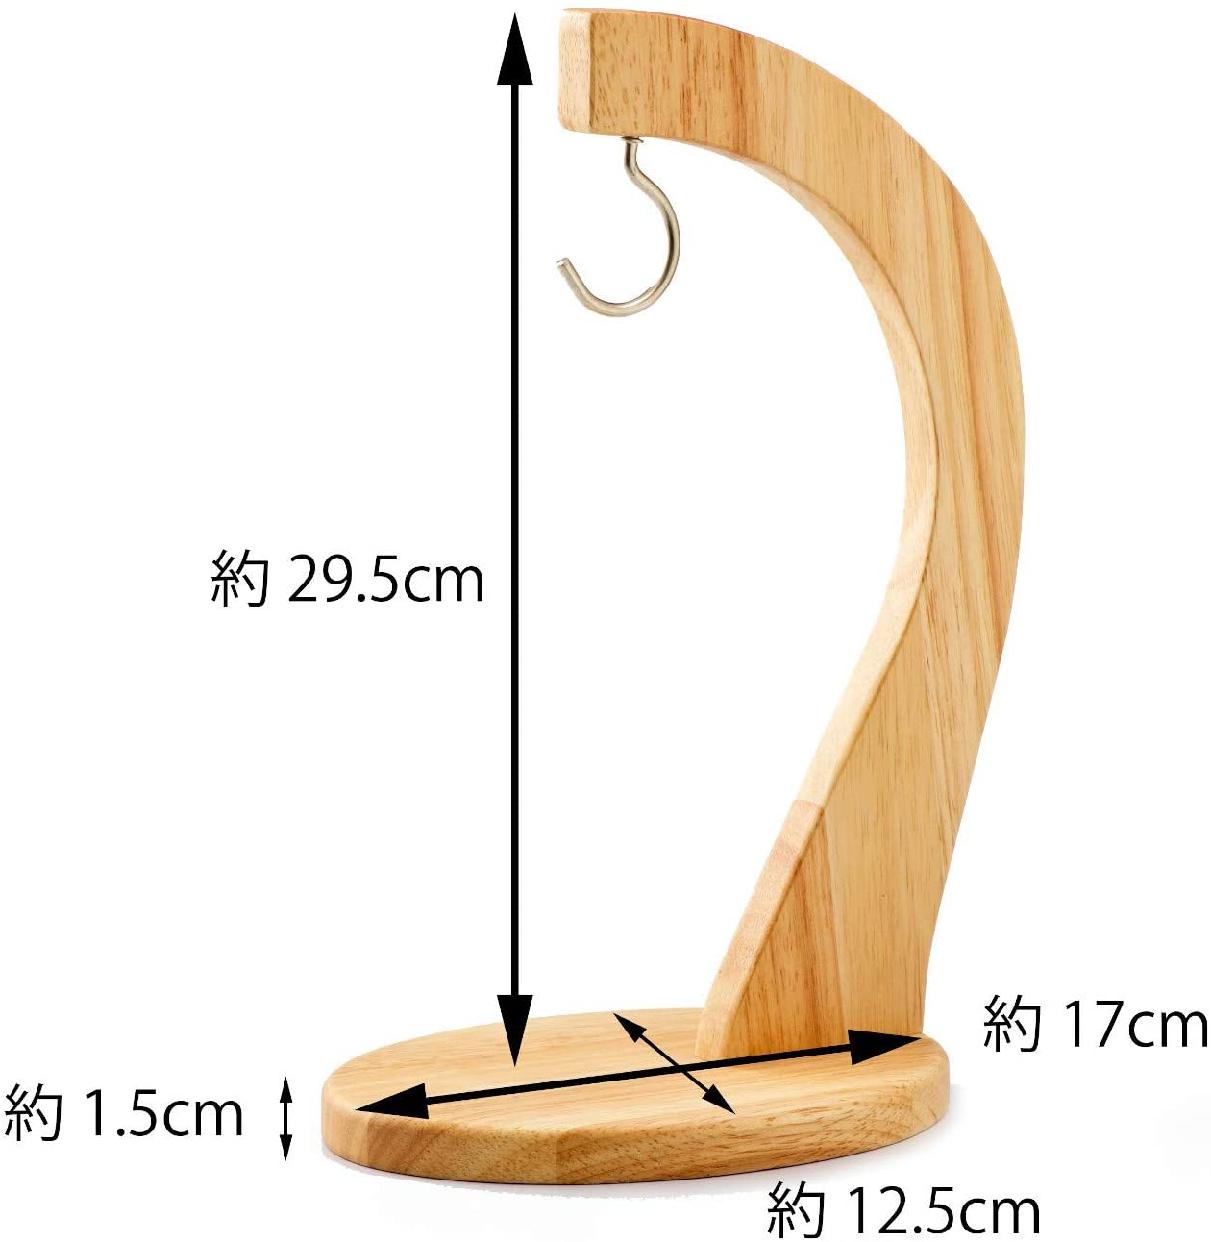 SWANSON(スワンソン)木製バナナスタンド  LF-050の商品画像2